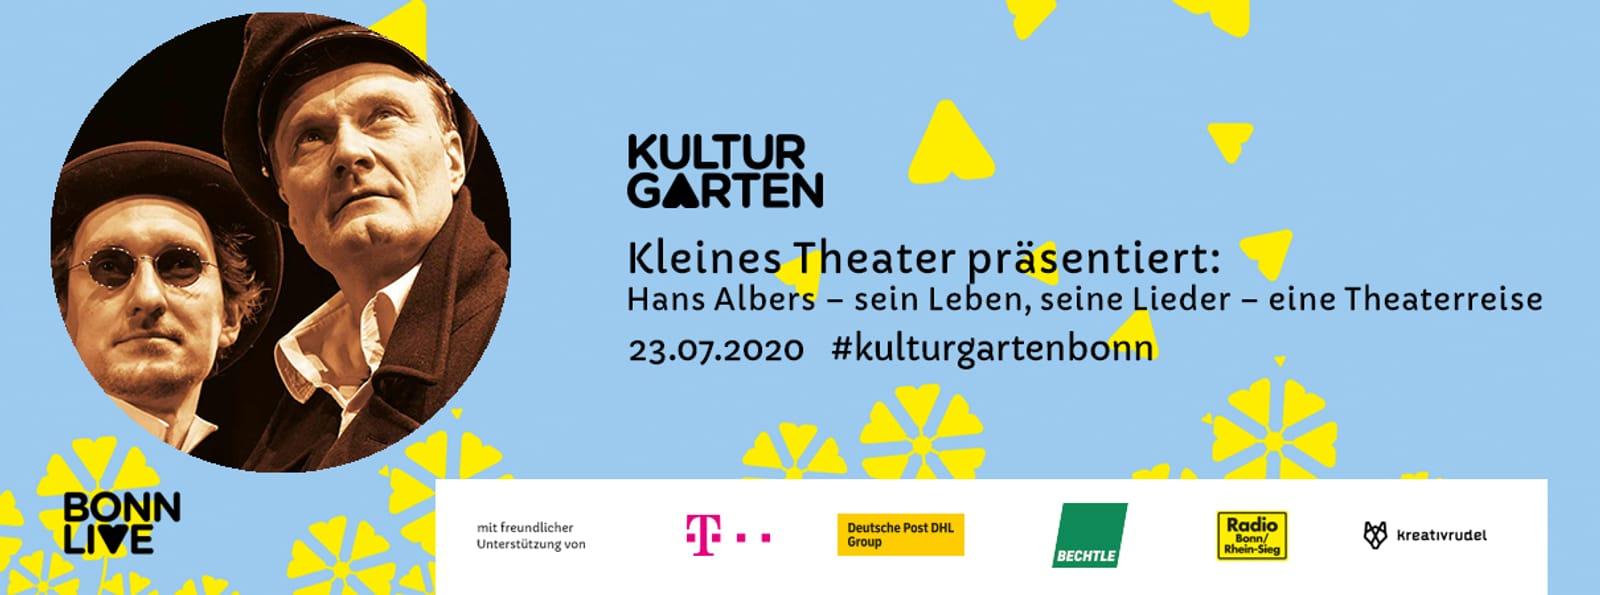 Hans Albers – sein Leben, seine Lieder – eine Theaterreise   BonnLive Kulturgarten